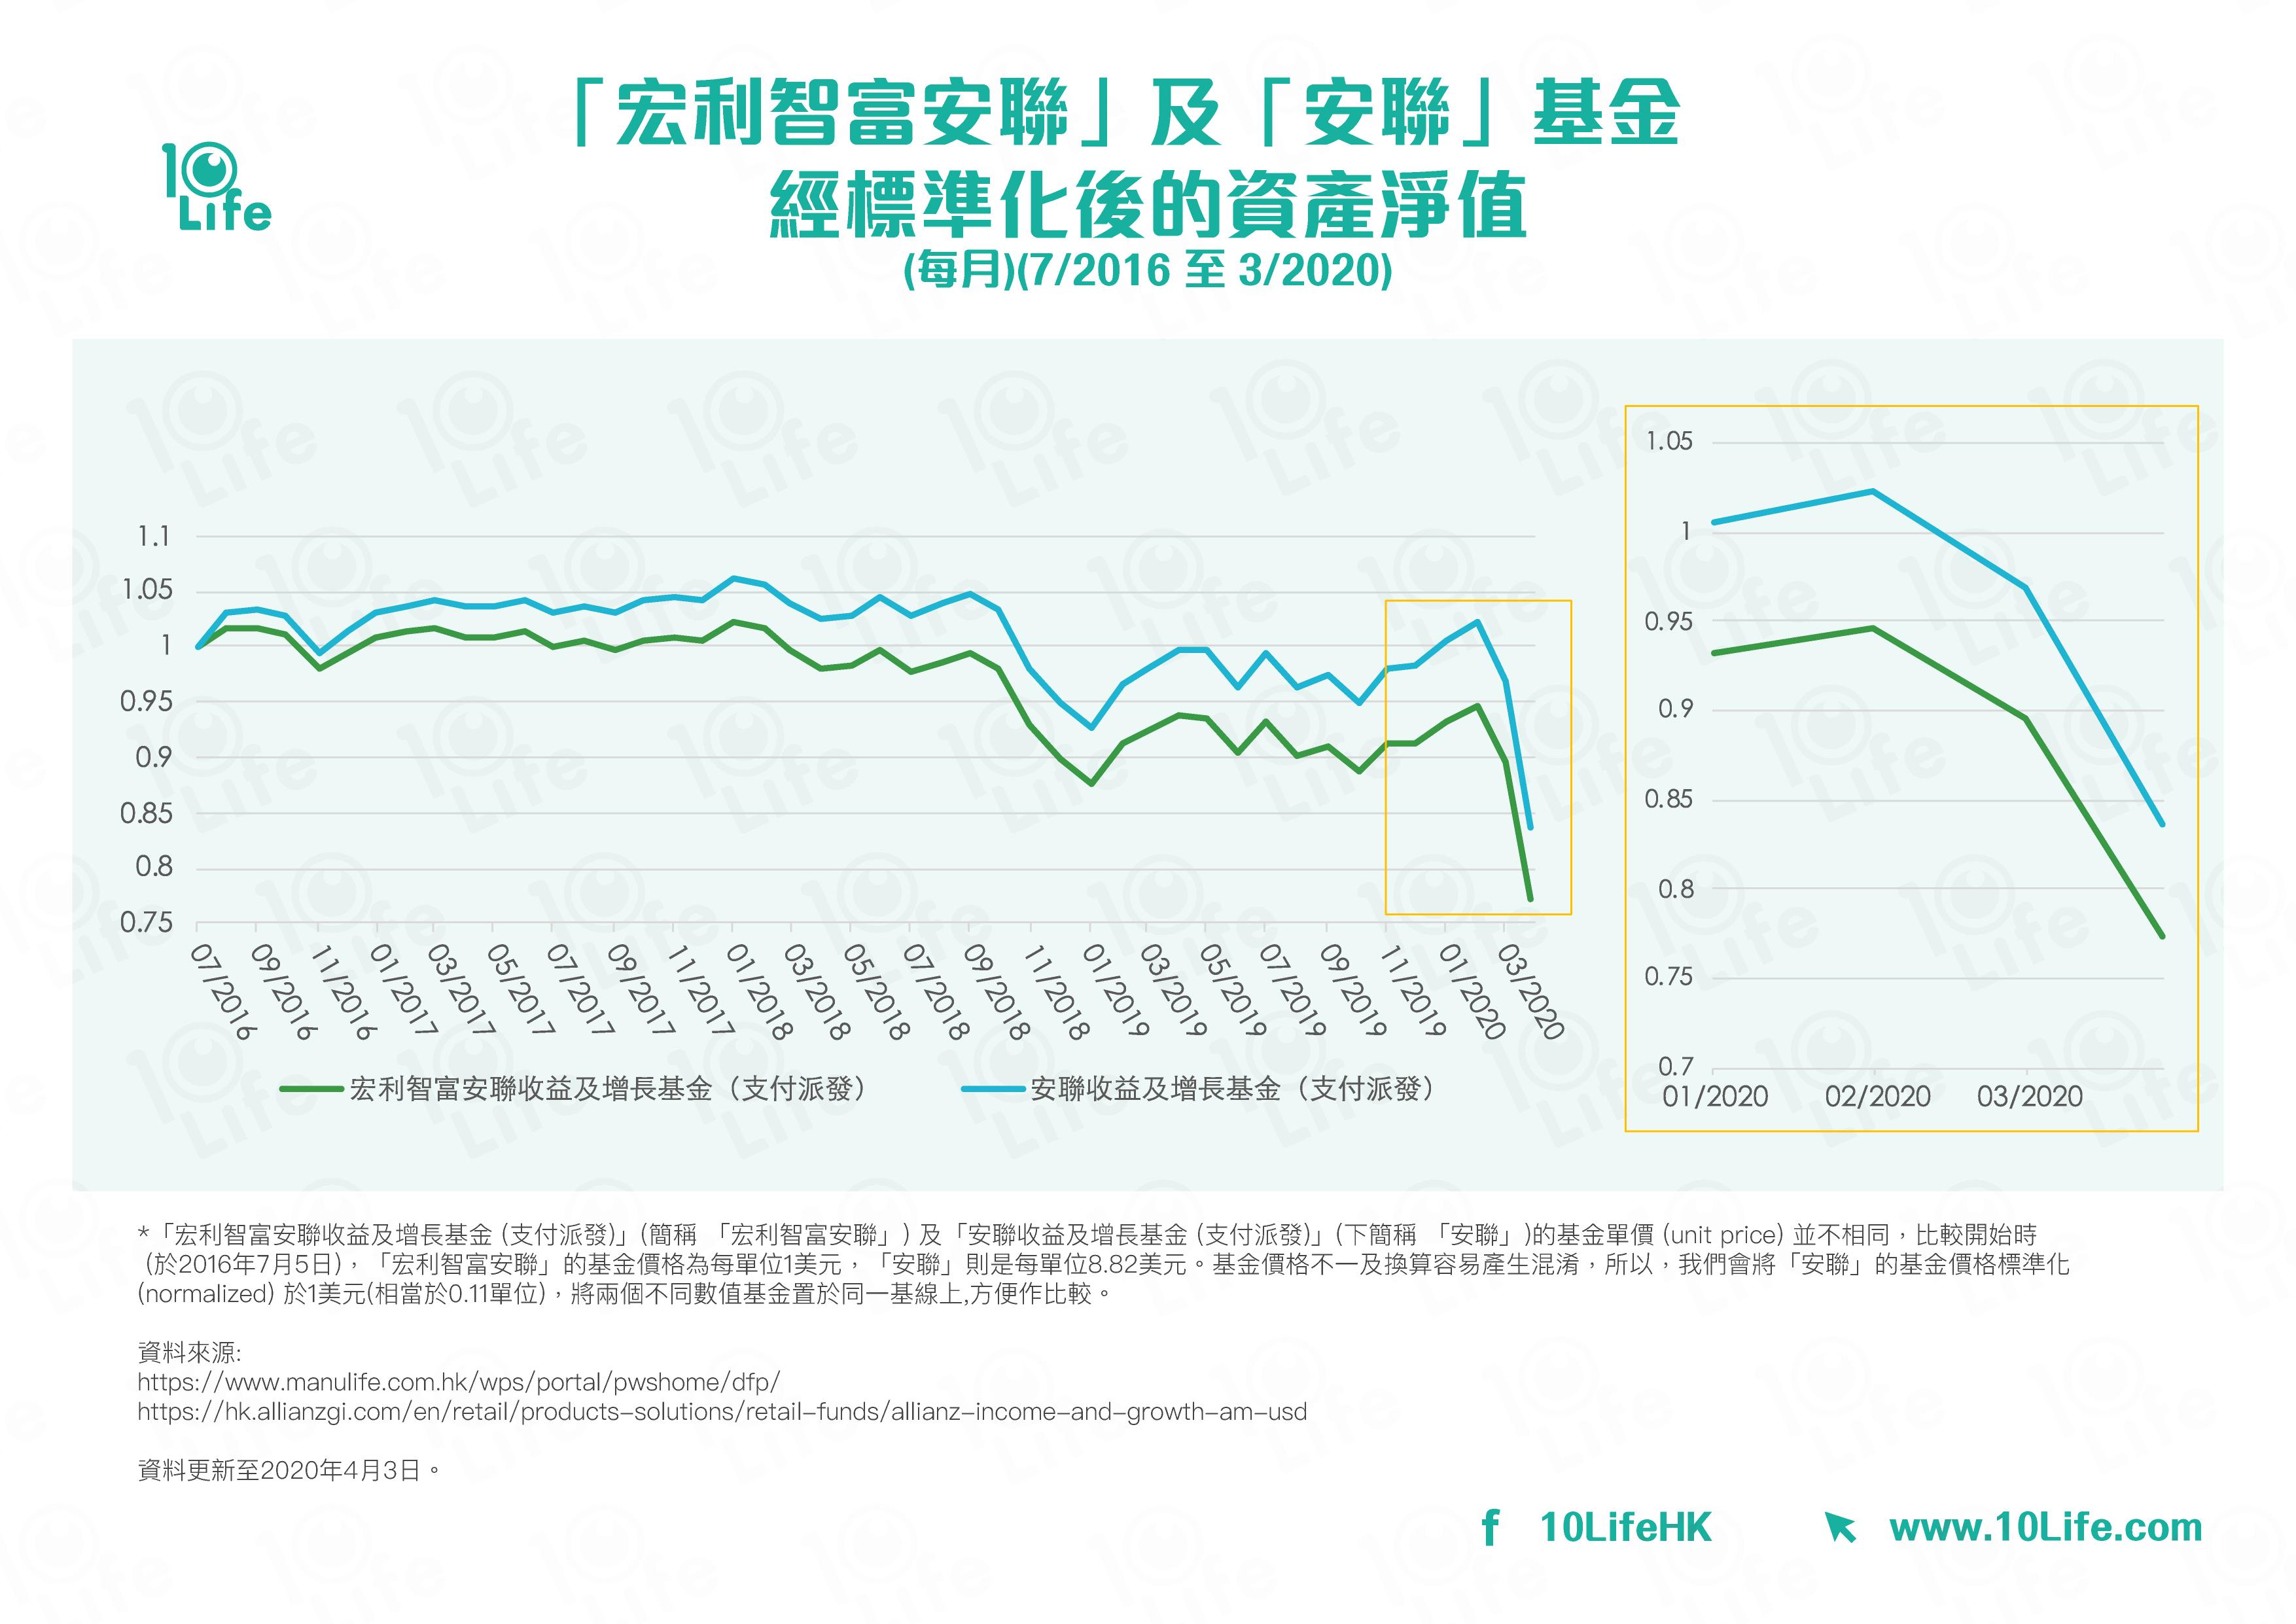 以圖表展示「宏利智富安聯」及「安聯」基金經標準化後的資產淨值